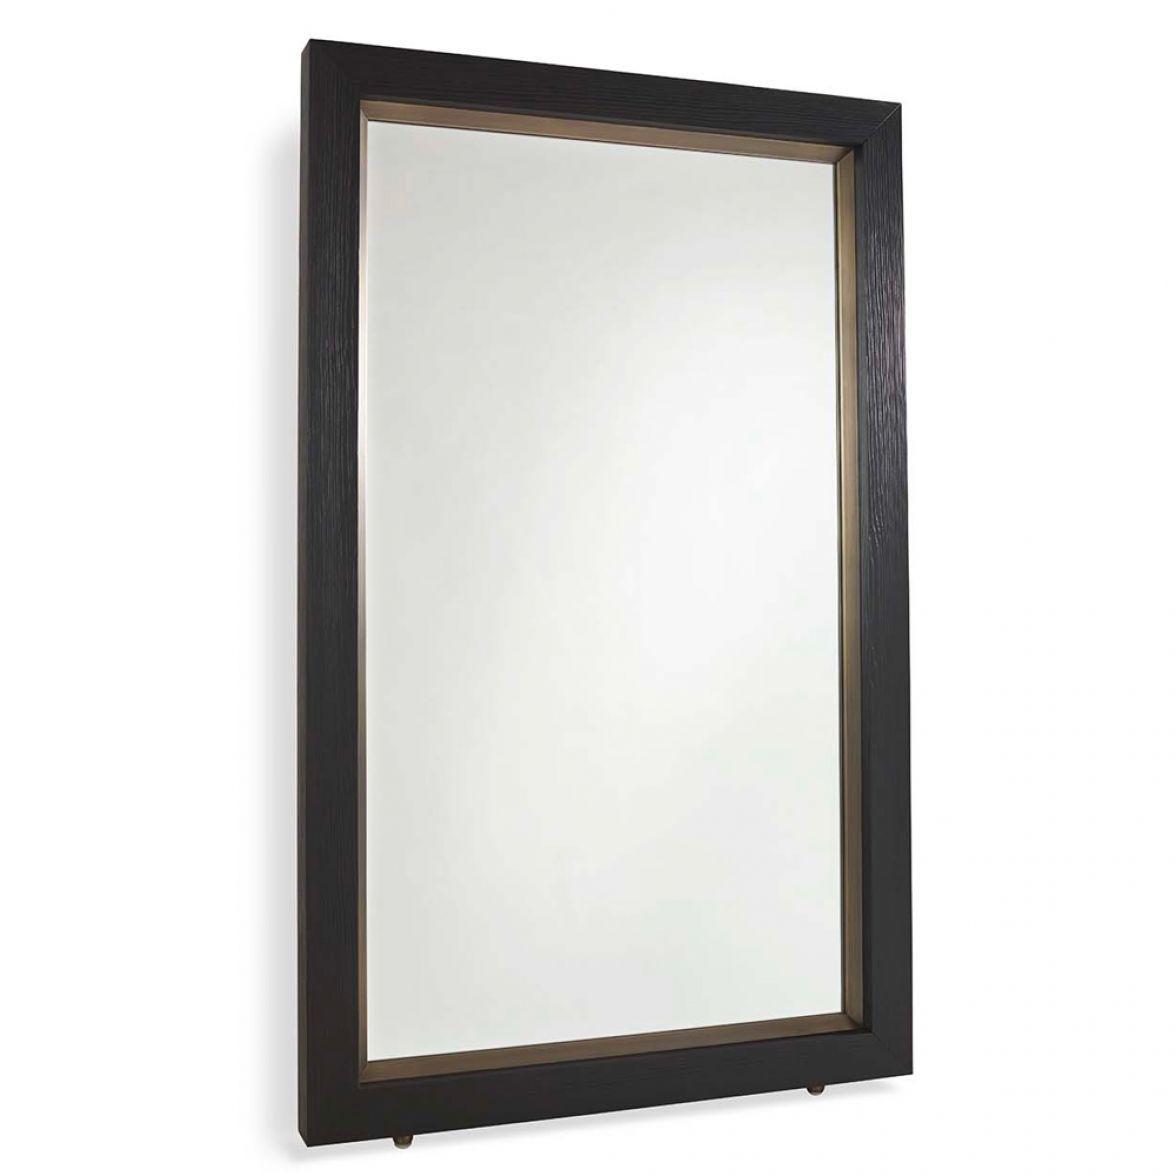 Monet mirror